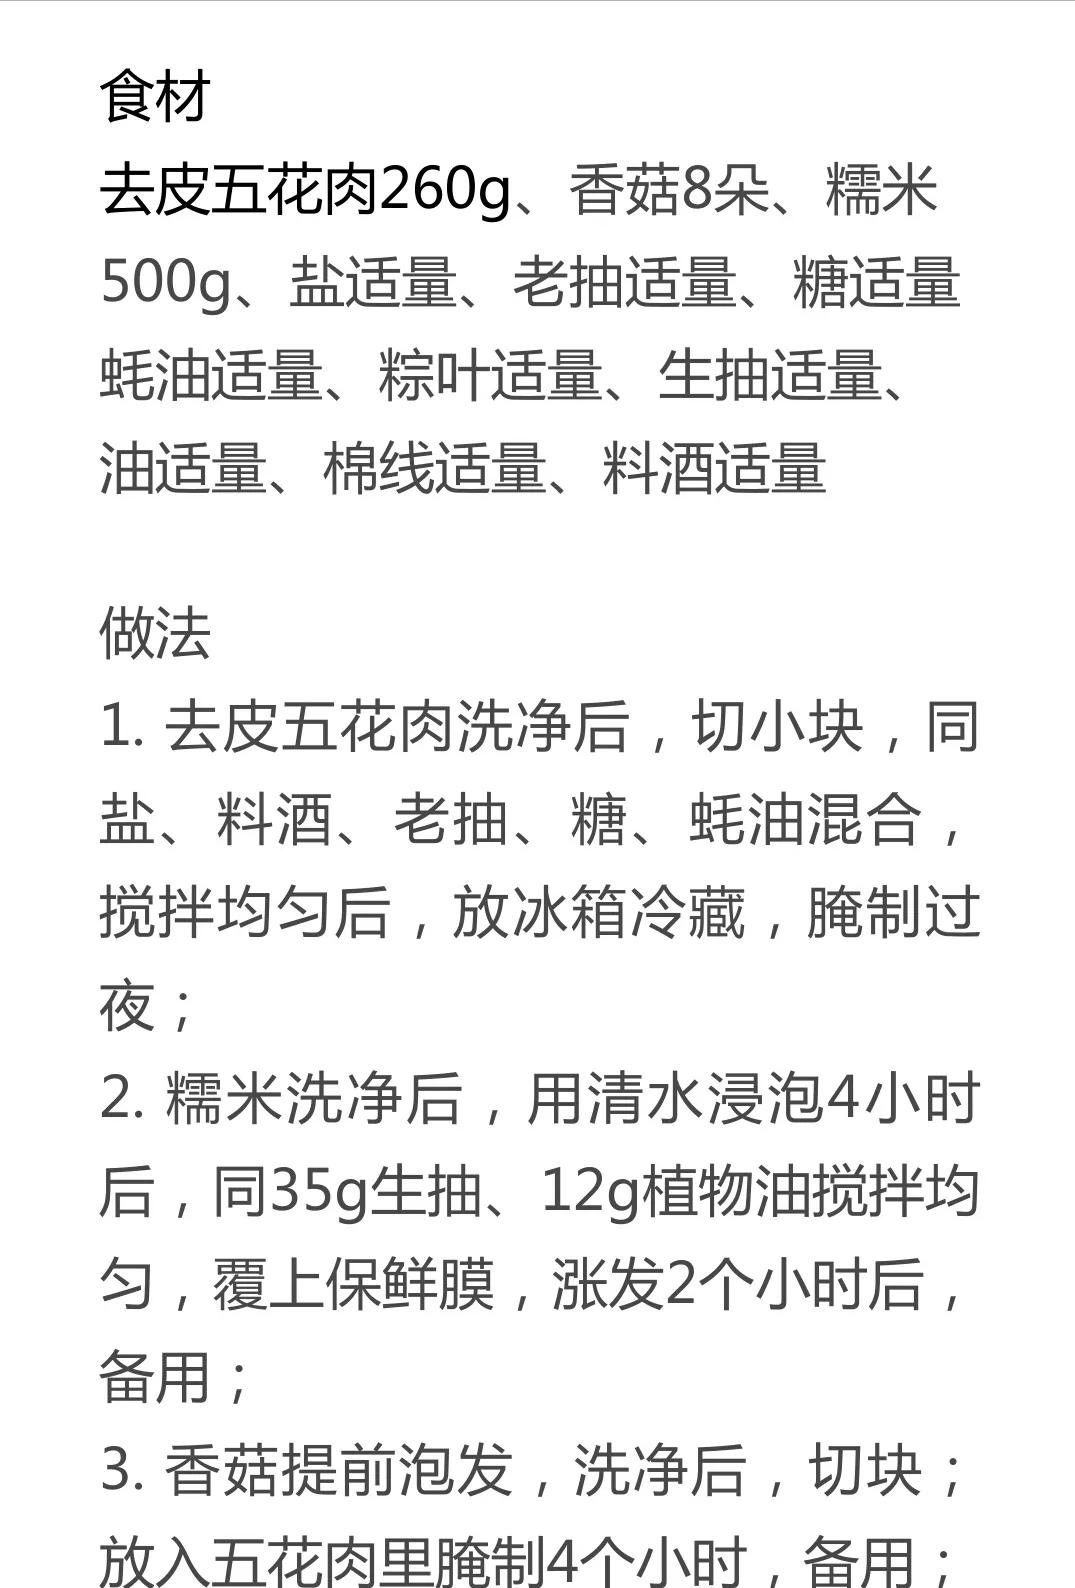 16种粽子的做法及配料!粽子馅配方种类大全,粽子制作方法教程 美食做法 第20张